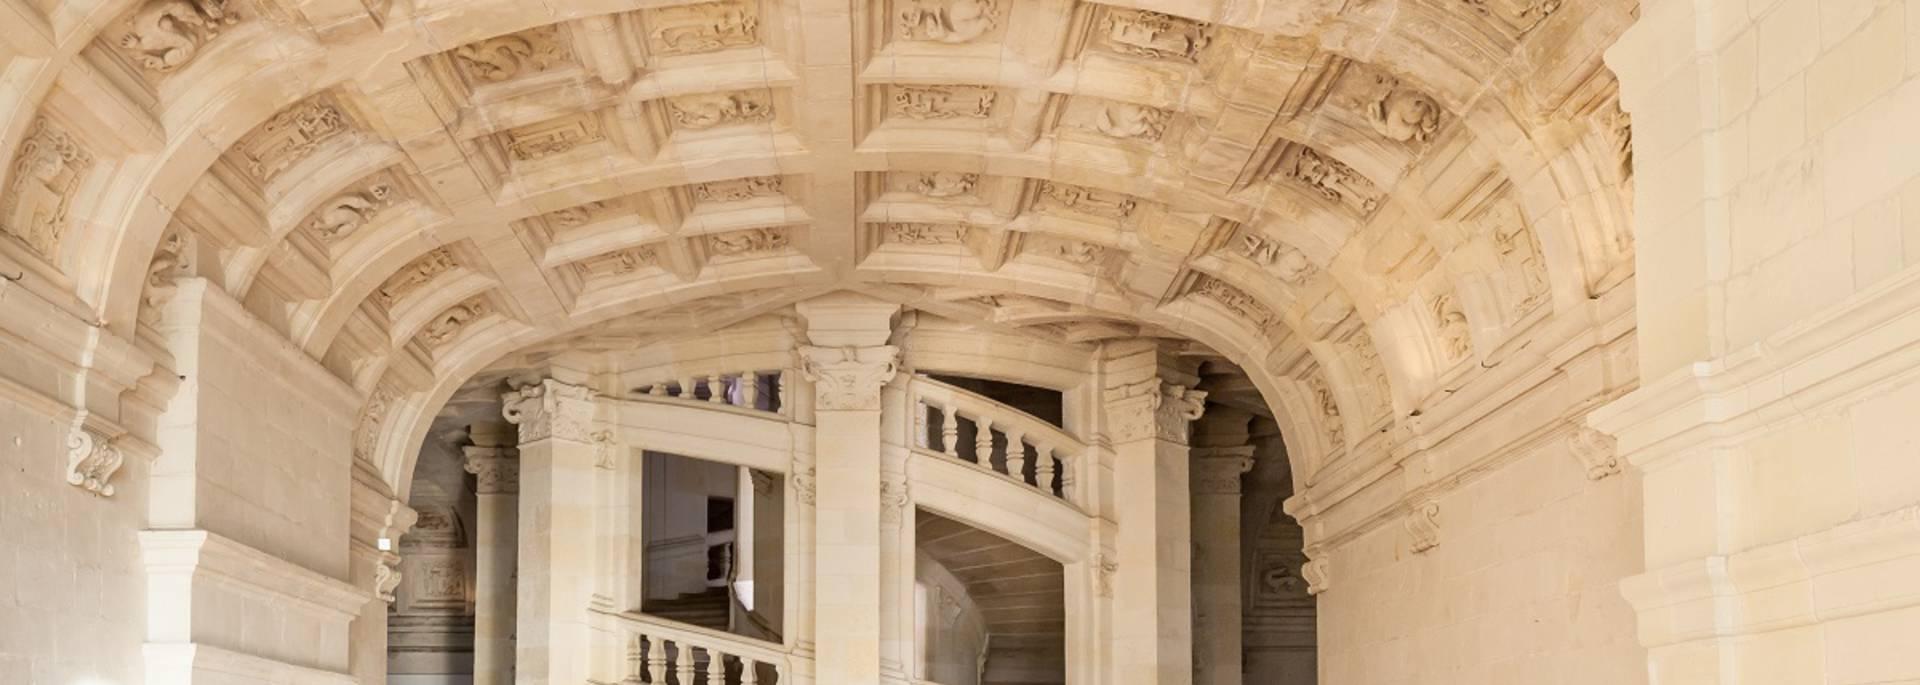 L'escalier à double révolution du château de Chambord